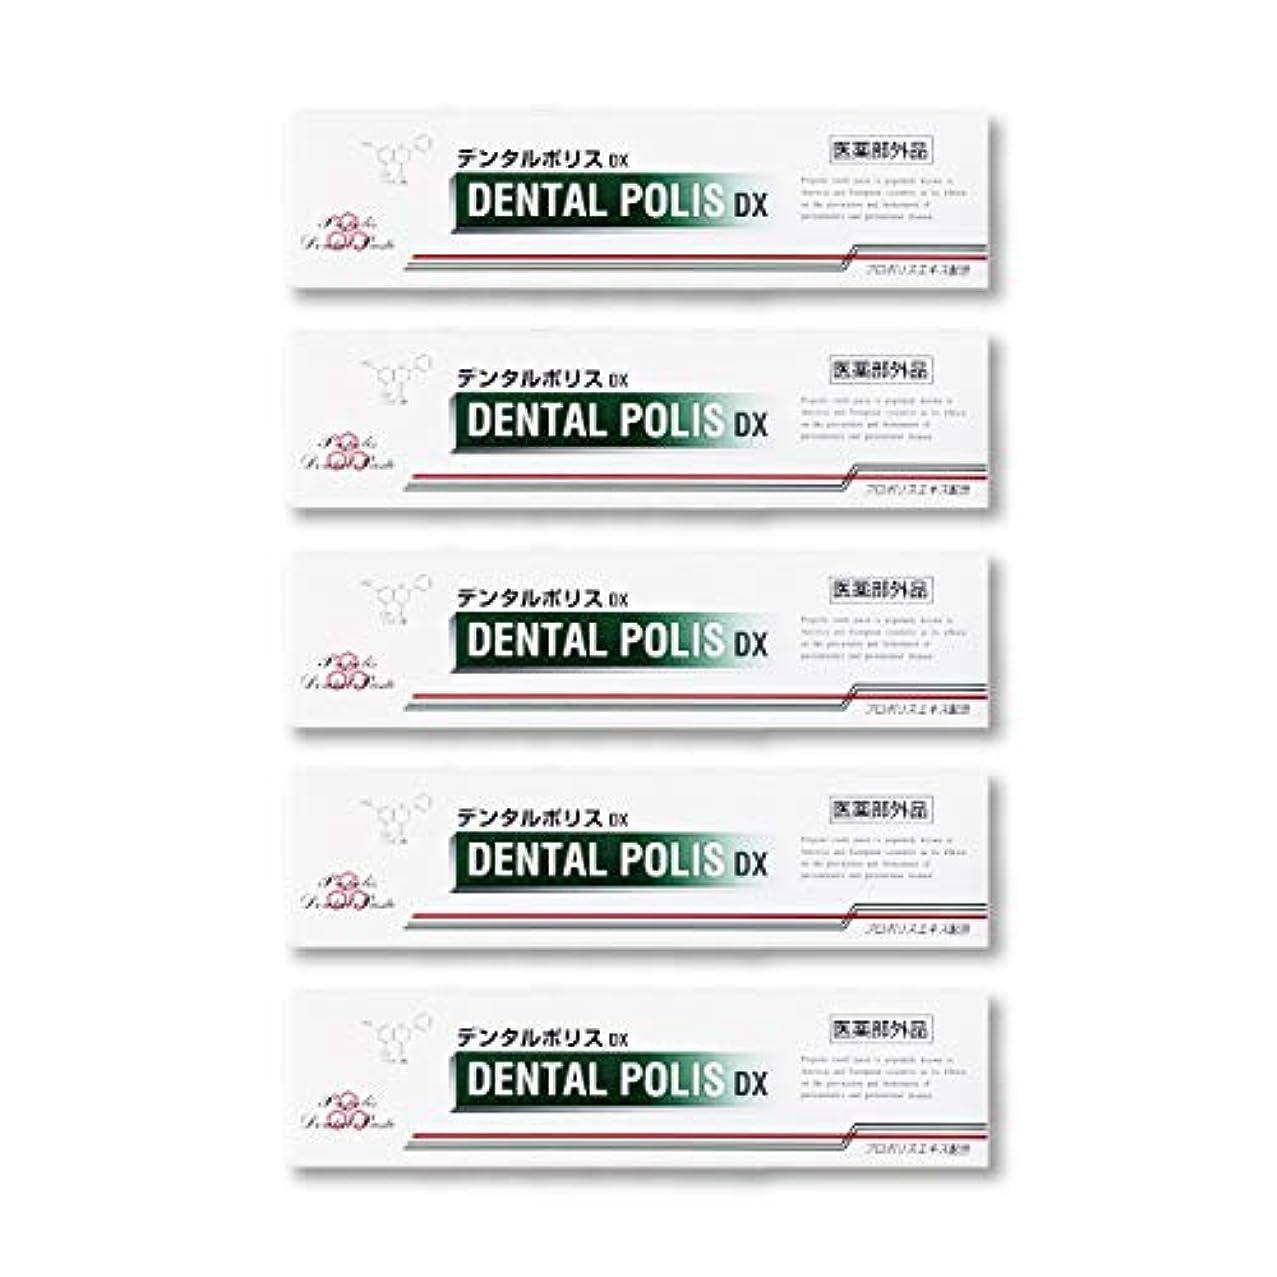 泣く適用する修復デンタルポリスDX  80g   5本セット 医薬部外品  歯みがき